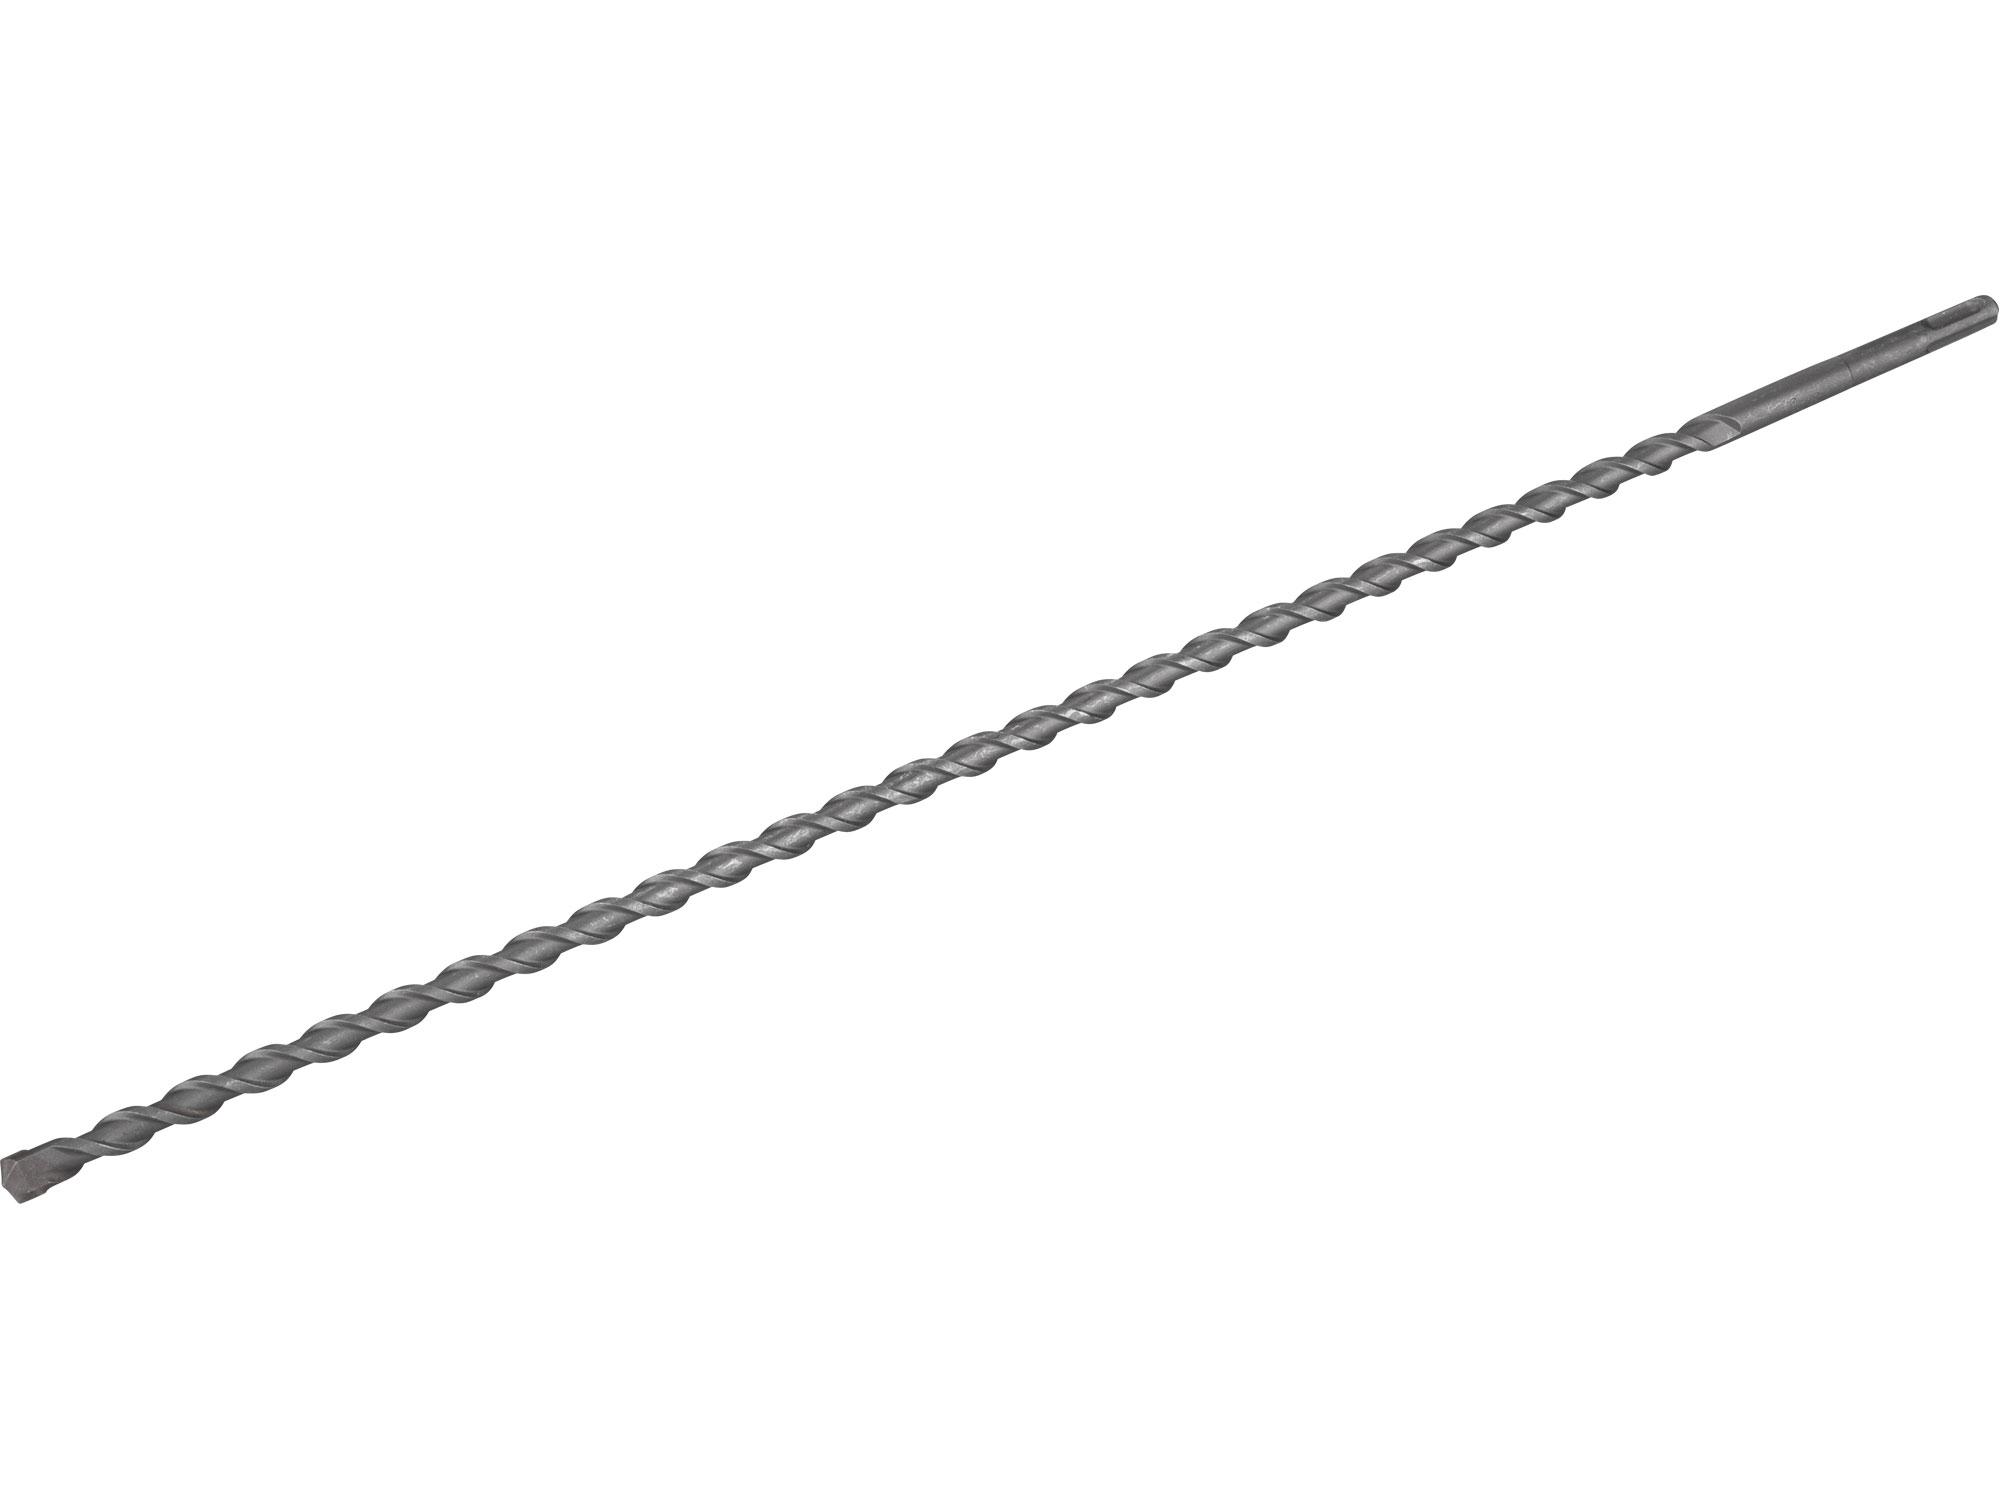 vrták SDS plus příklepový do betonu, ?12x600mm, SK, EXTOL PREMIUM 8801426